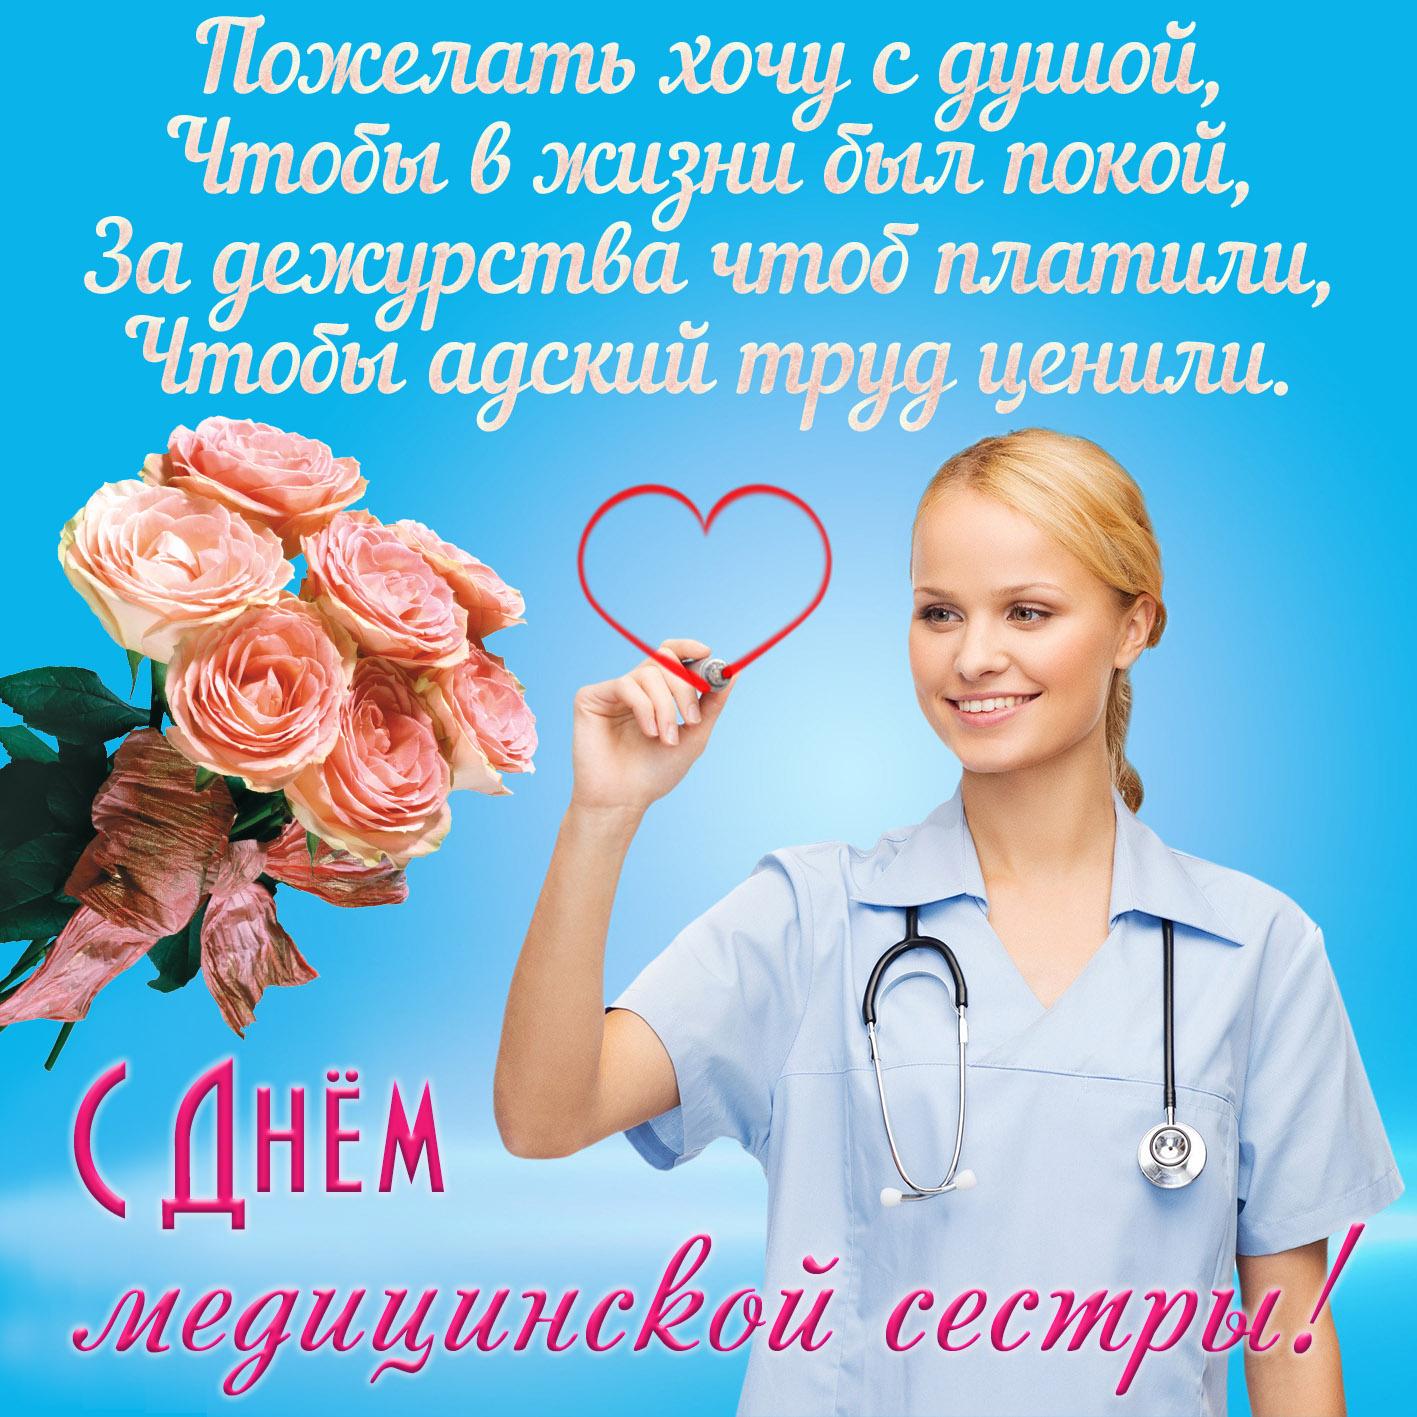 Медсестра картинки и поздравления